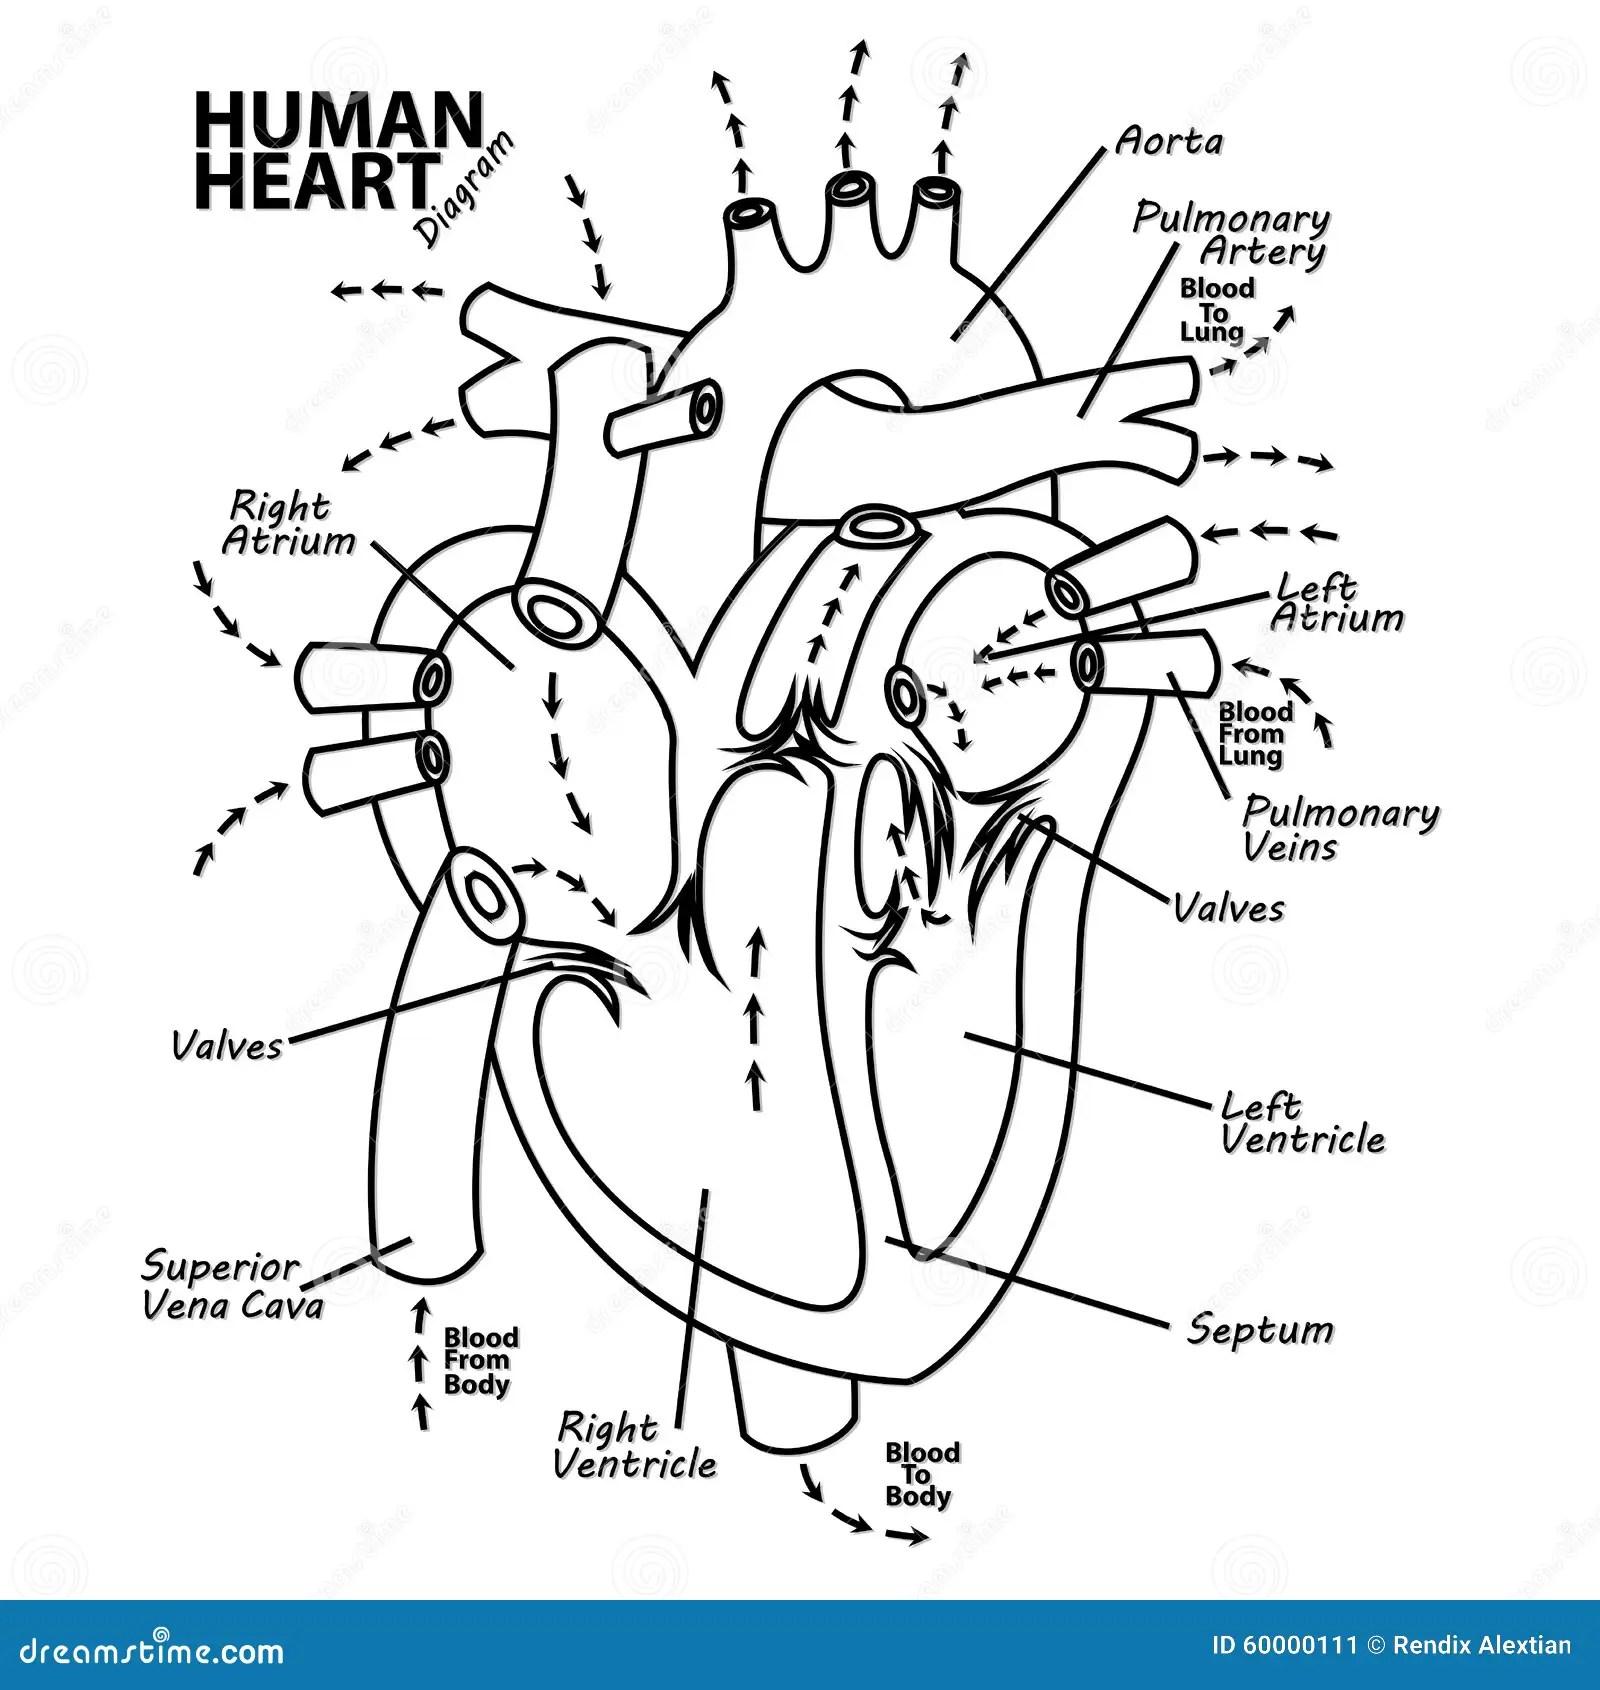 Tatuaje Humano De La Anatomia Del Diagrama Del Corazon